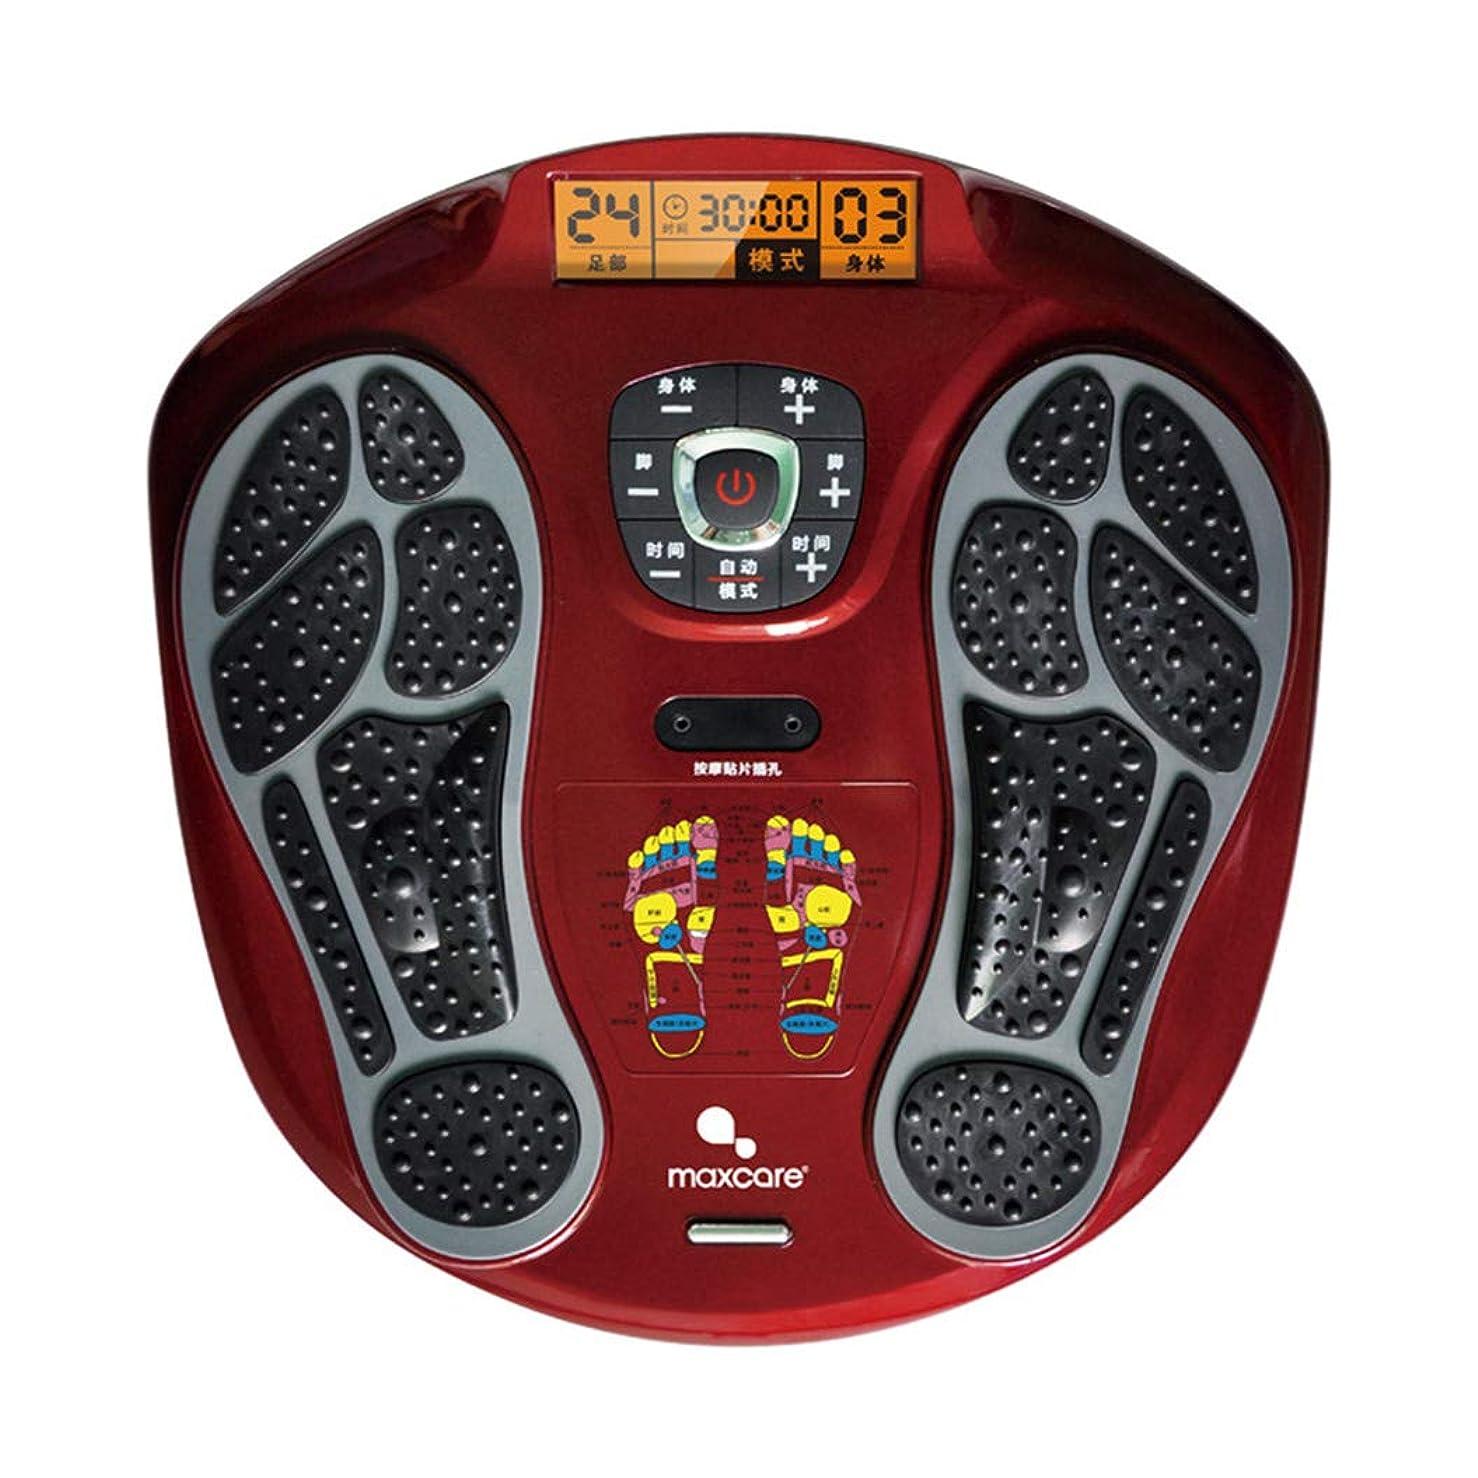 カートランドリー呼び起こすフットマッサージャー、LEDディスプレイスクリーン、フットリラクゼーションのための熱を備えたマシン、15のモードを備えた疲労緩和。